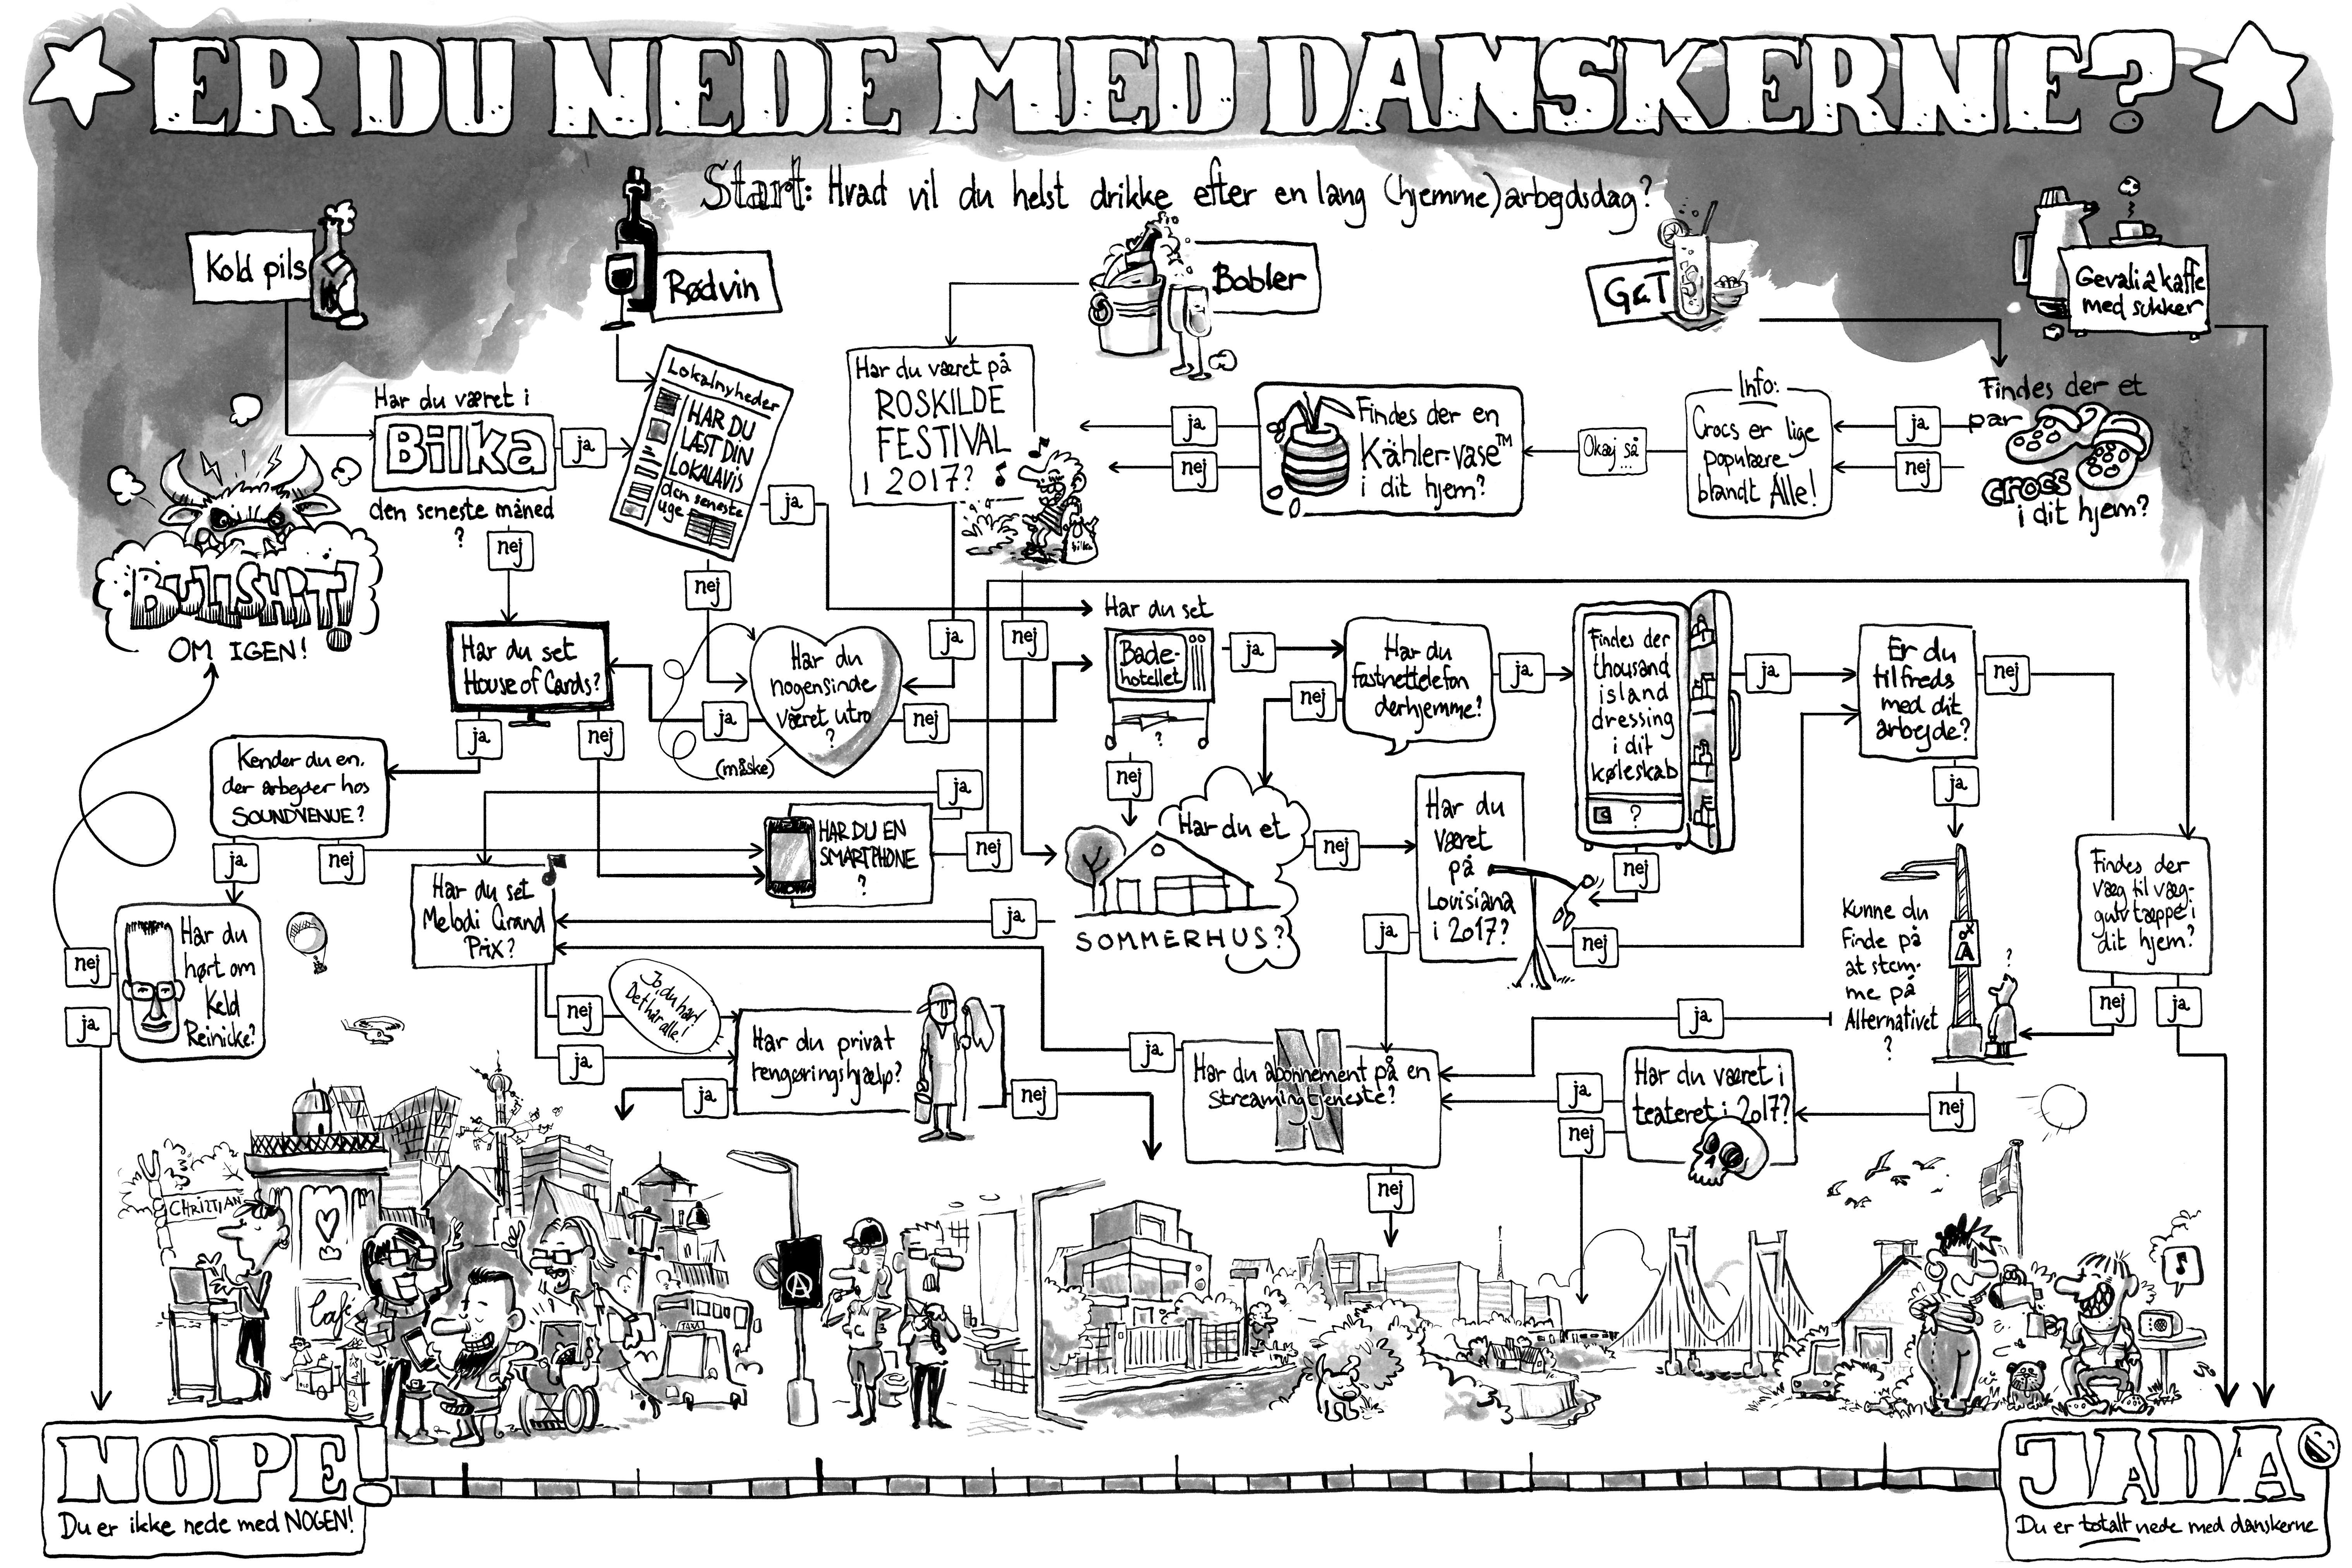 Er du nede med danskerne?